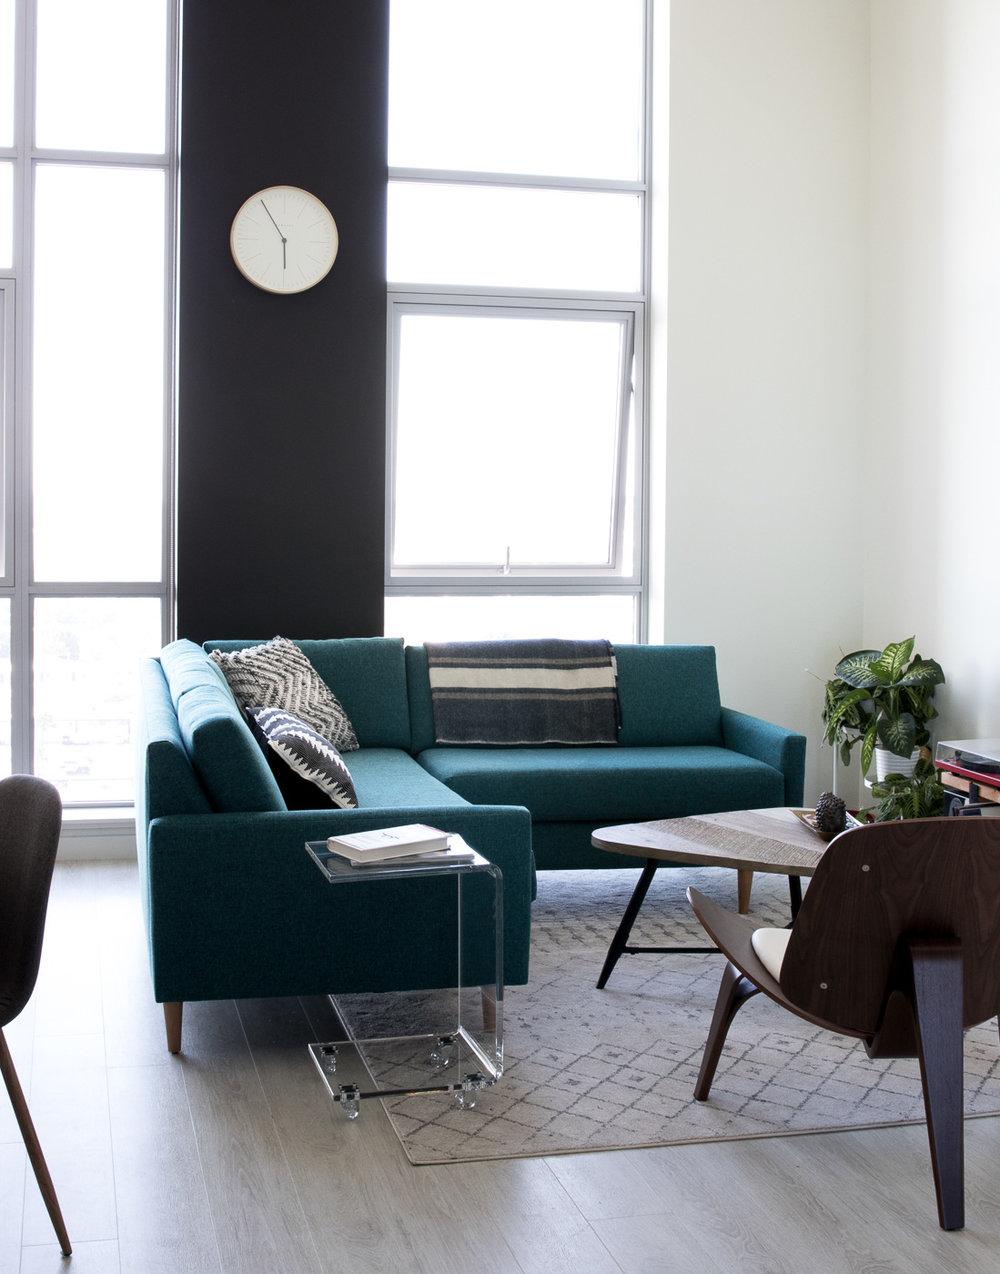 Decorating a Studio Apartment